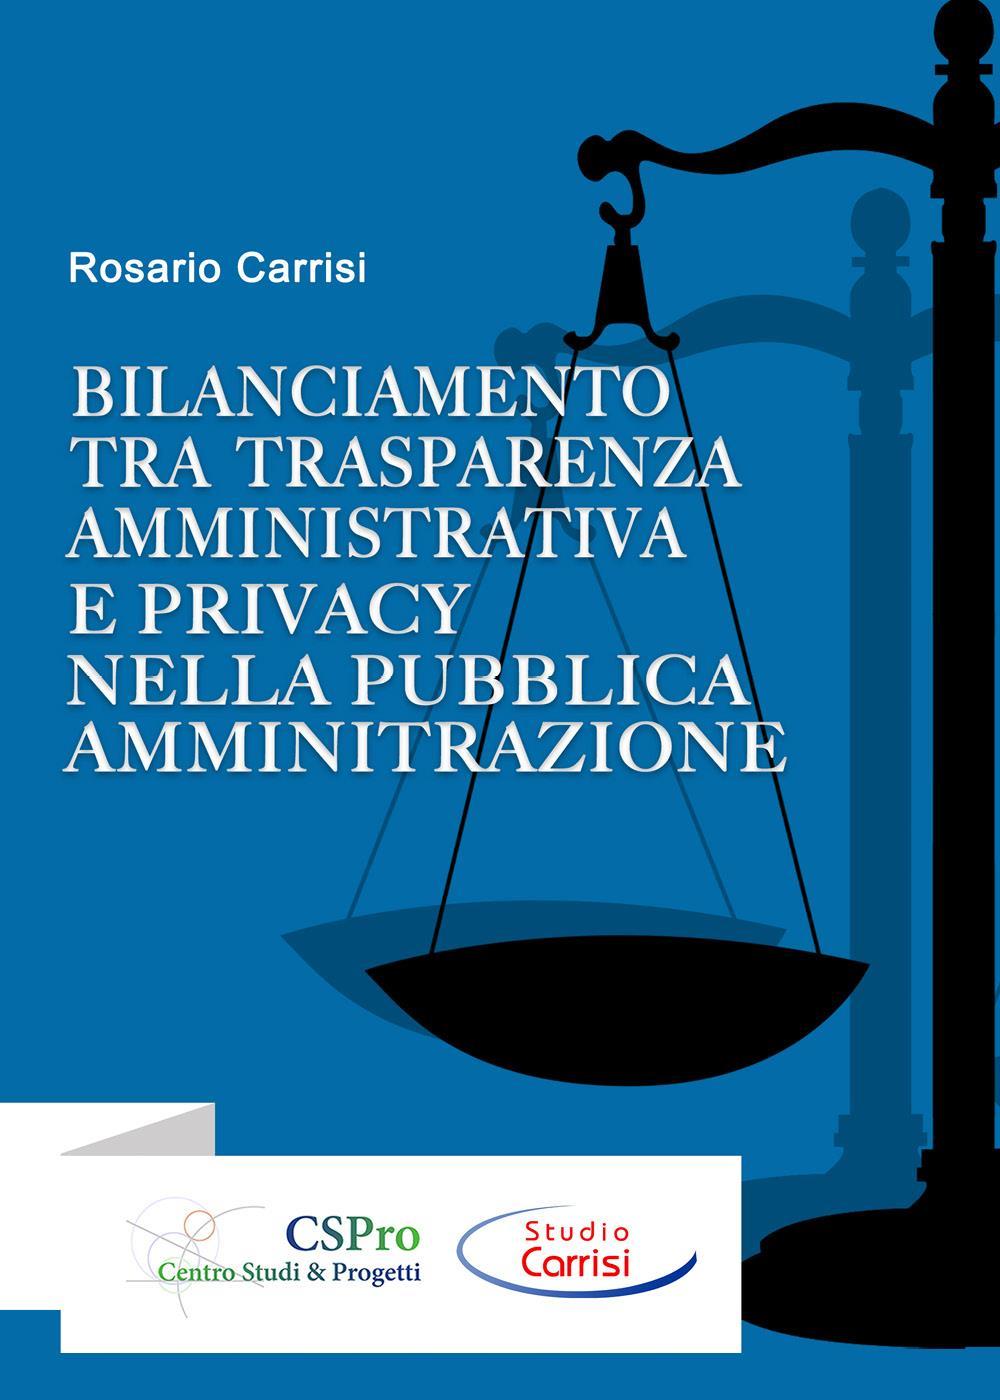 Bilanciamento tra trasparenza amministrativa e privacy nella pubblica amministrazione